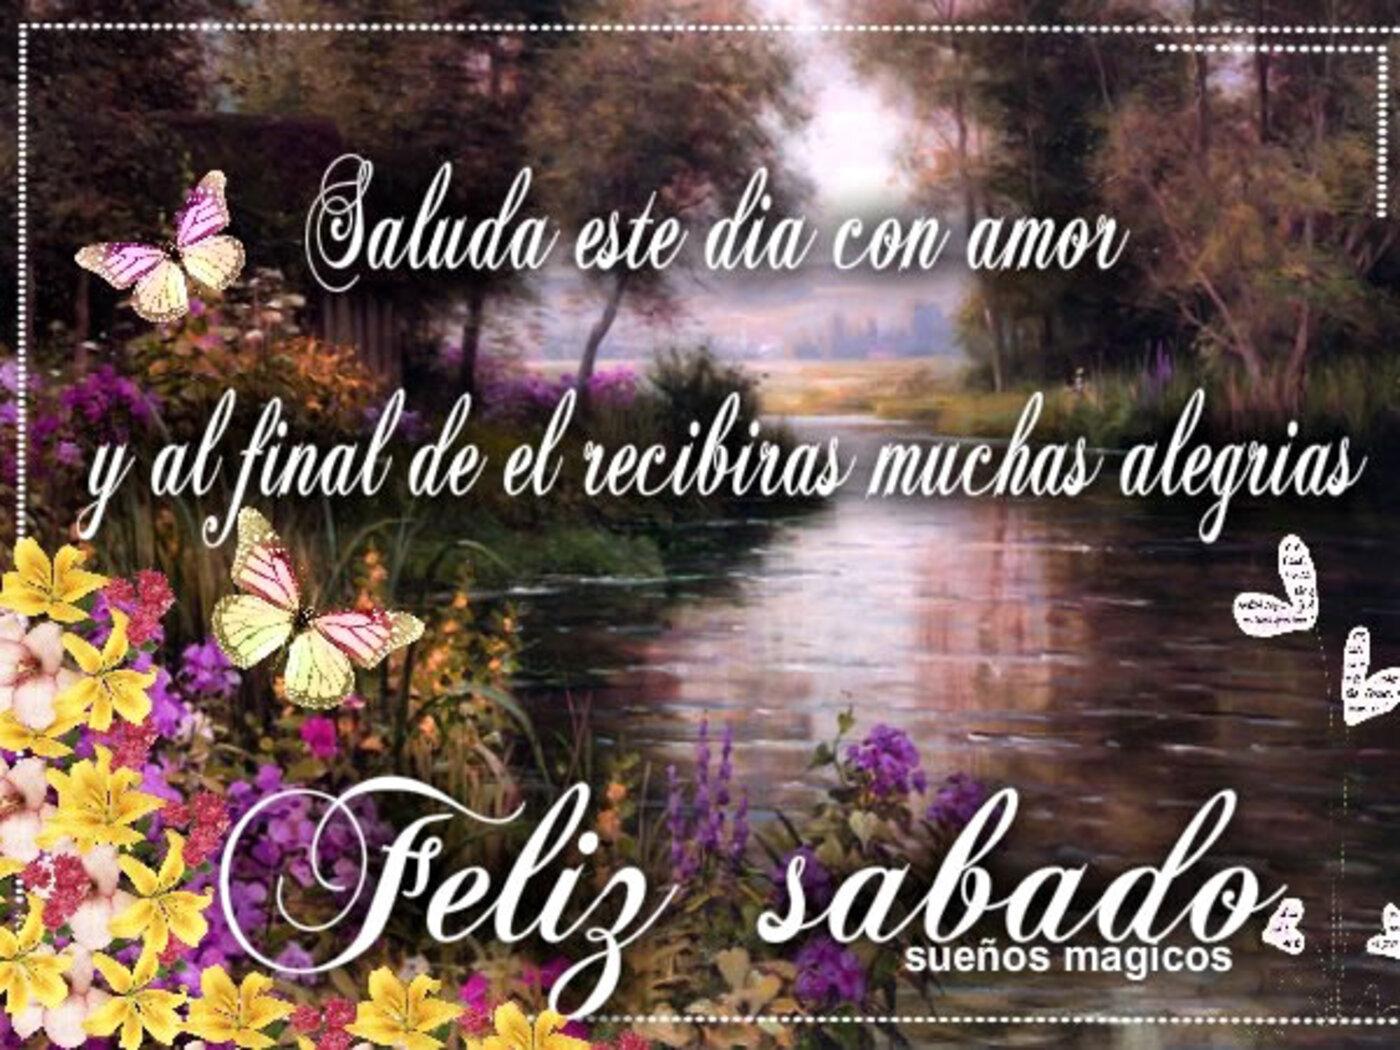 Saluda este día con amor y al final el recibiras muchas alegrias... feliz sábado